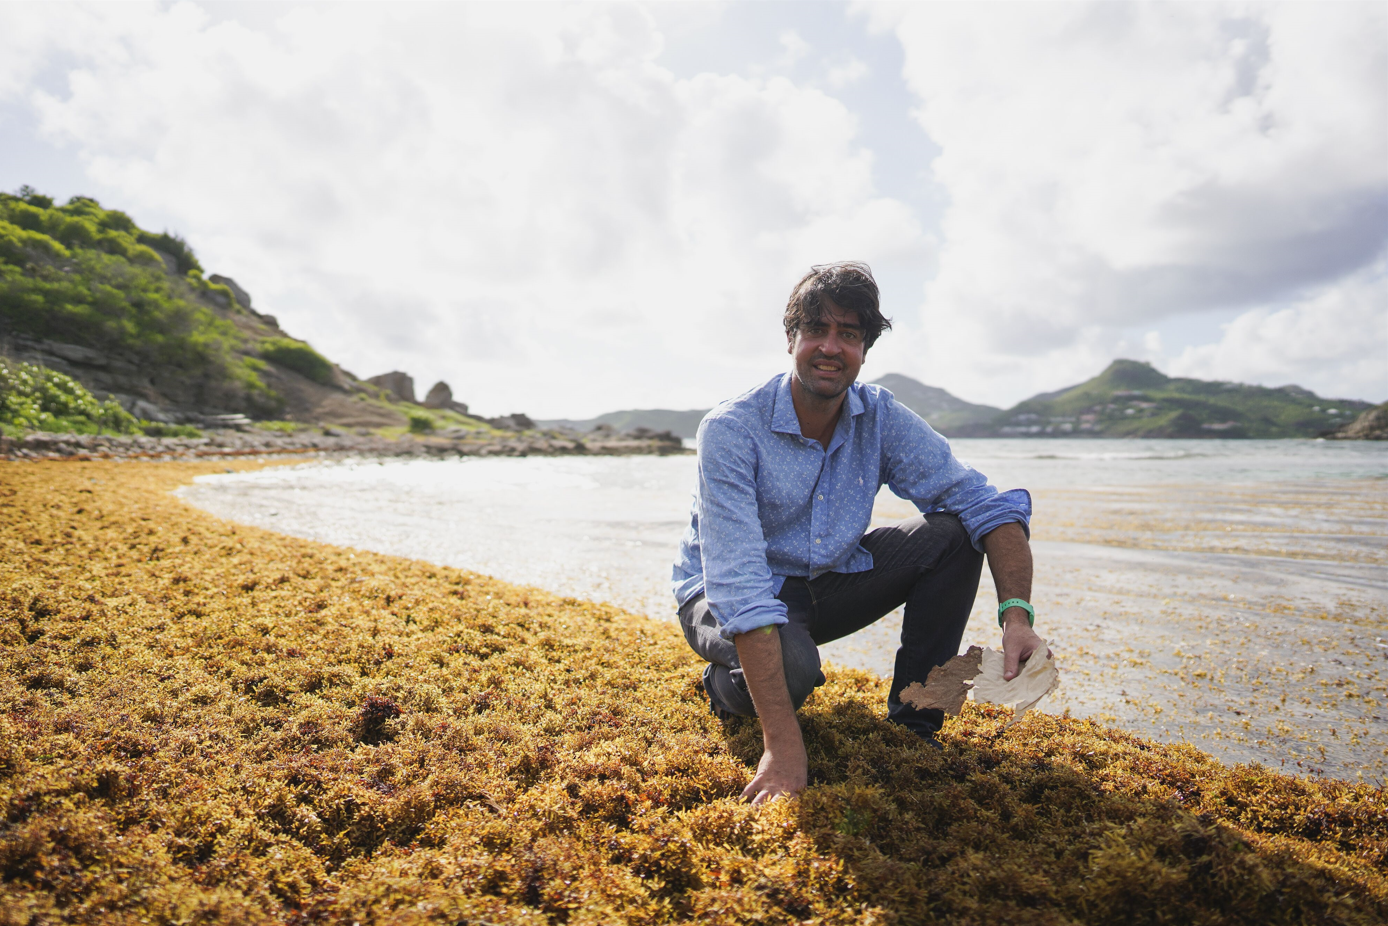 Juriste de formation, Pierre-Antoine Guibout s'est lancé dans l'aventure Sargasse Project sans aucun bagage scientifique. © Frederic Tetard